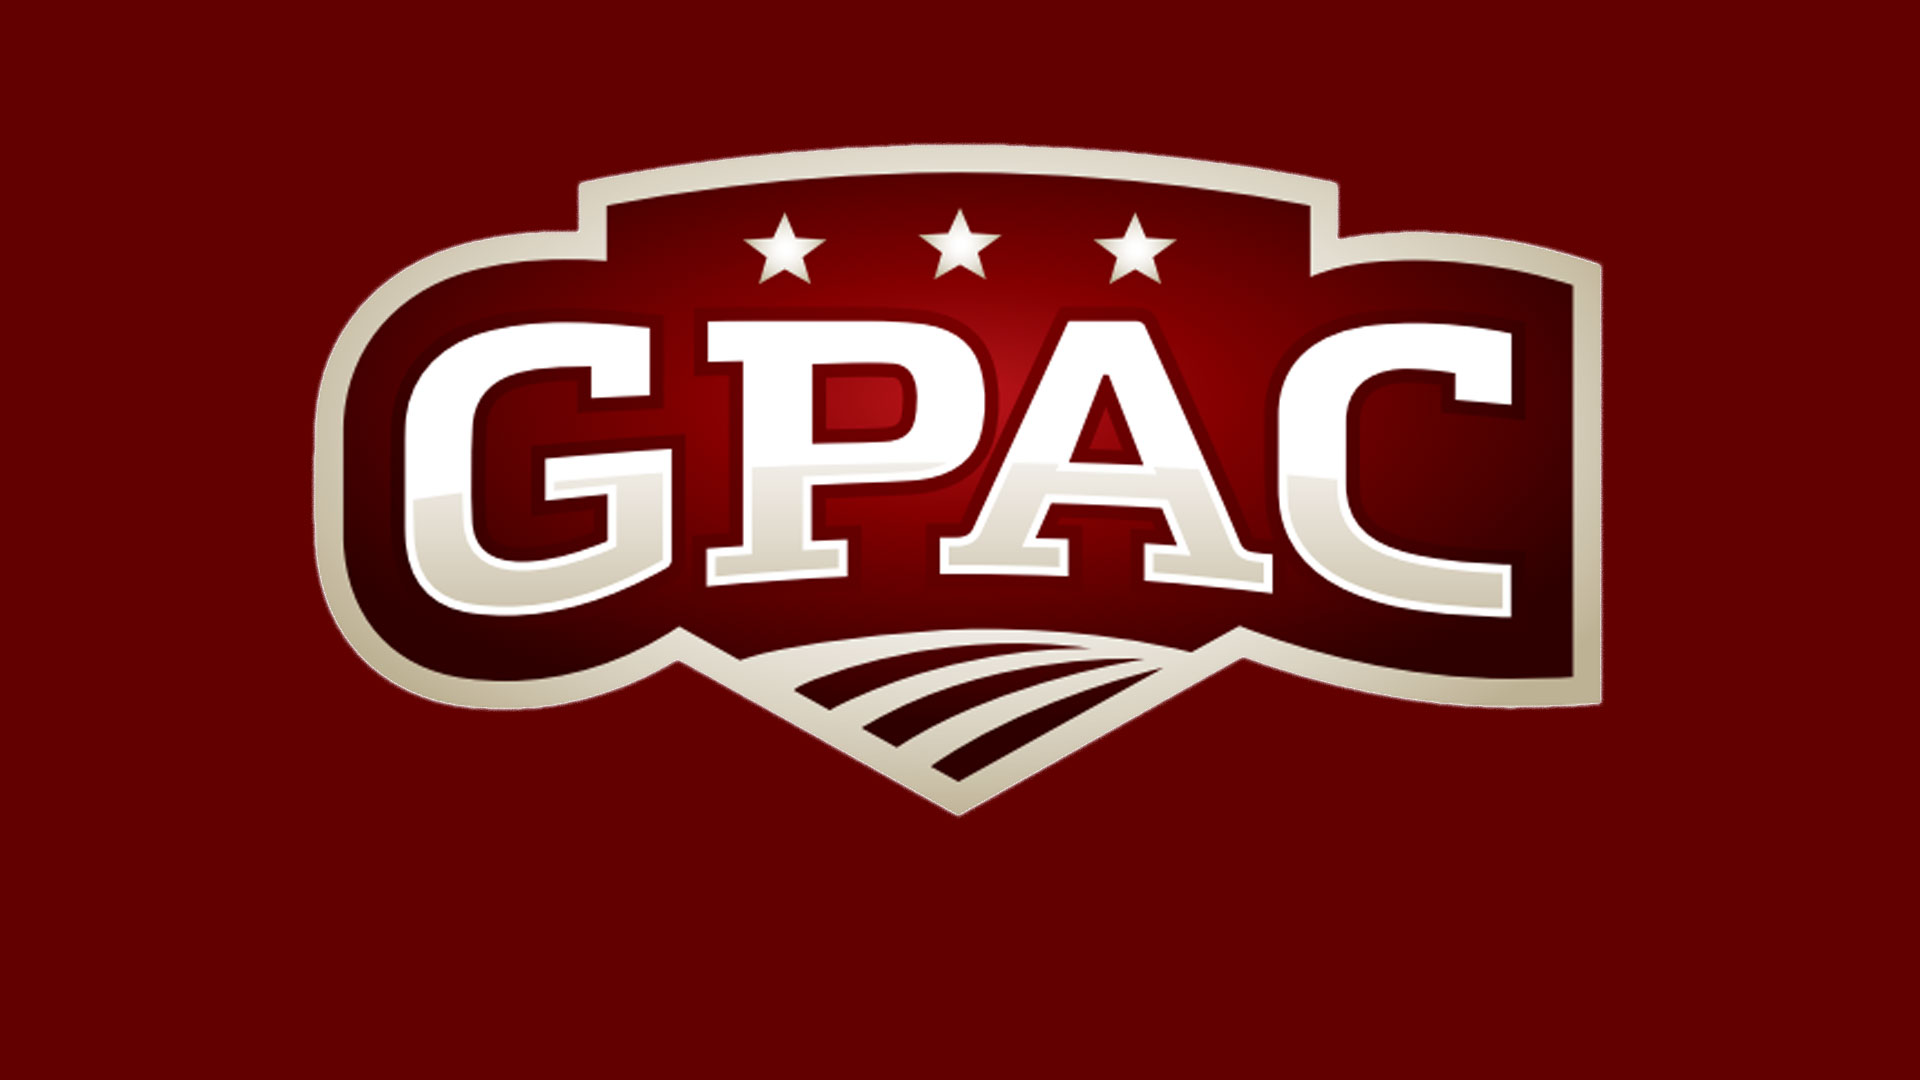 KELO GPAC logo